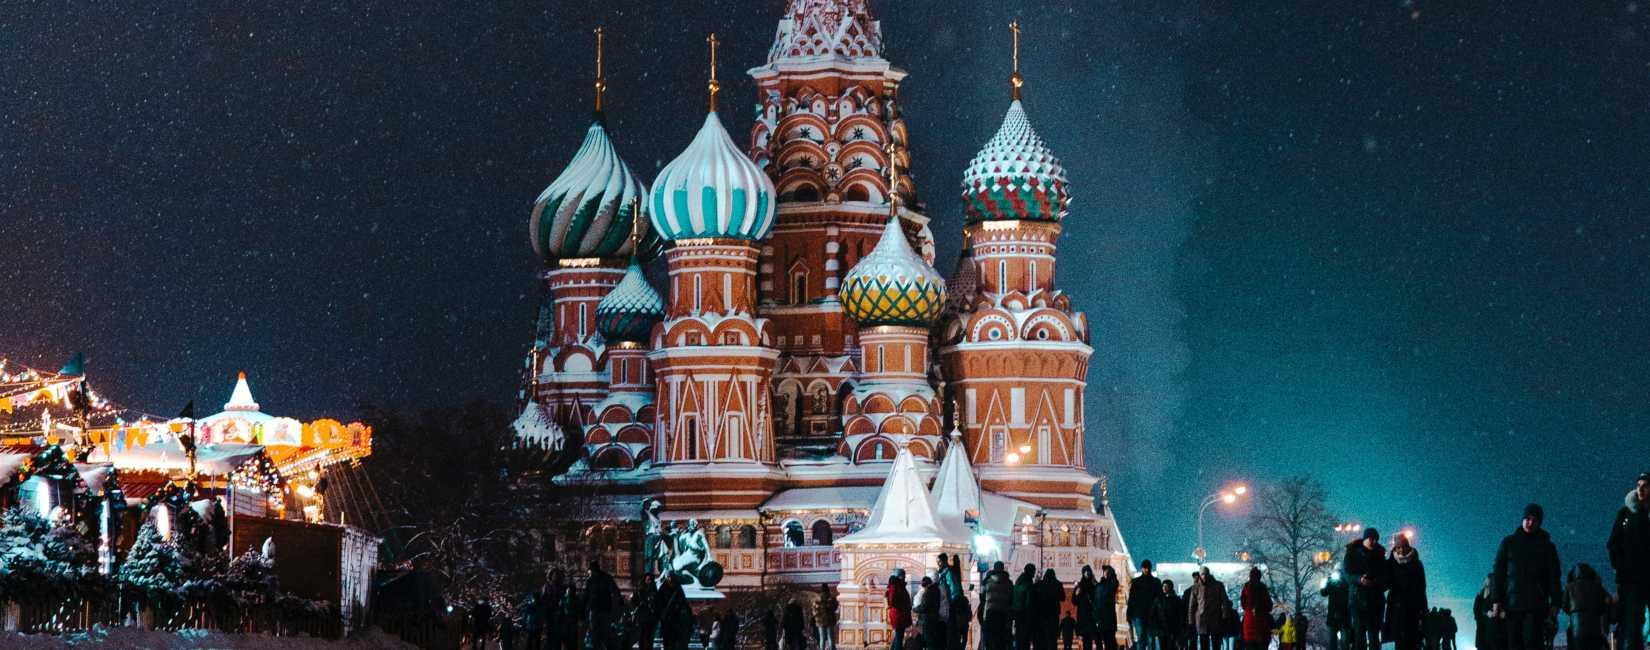 Saint Basil's katedralen, Moskva